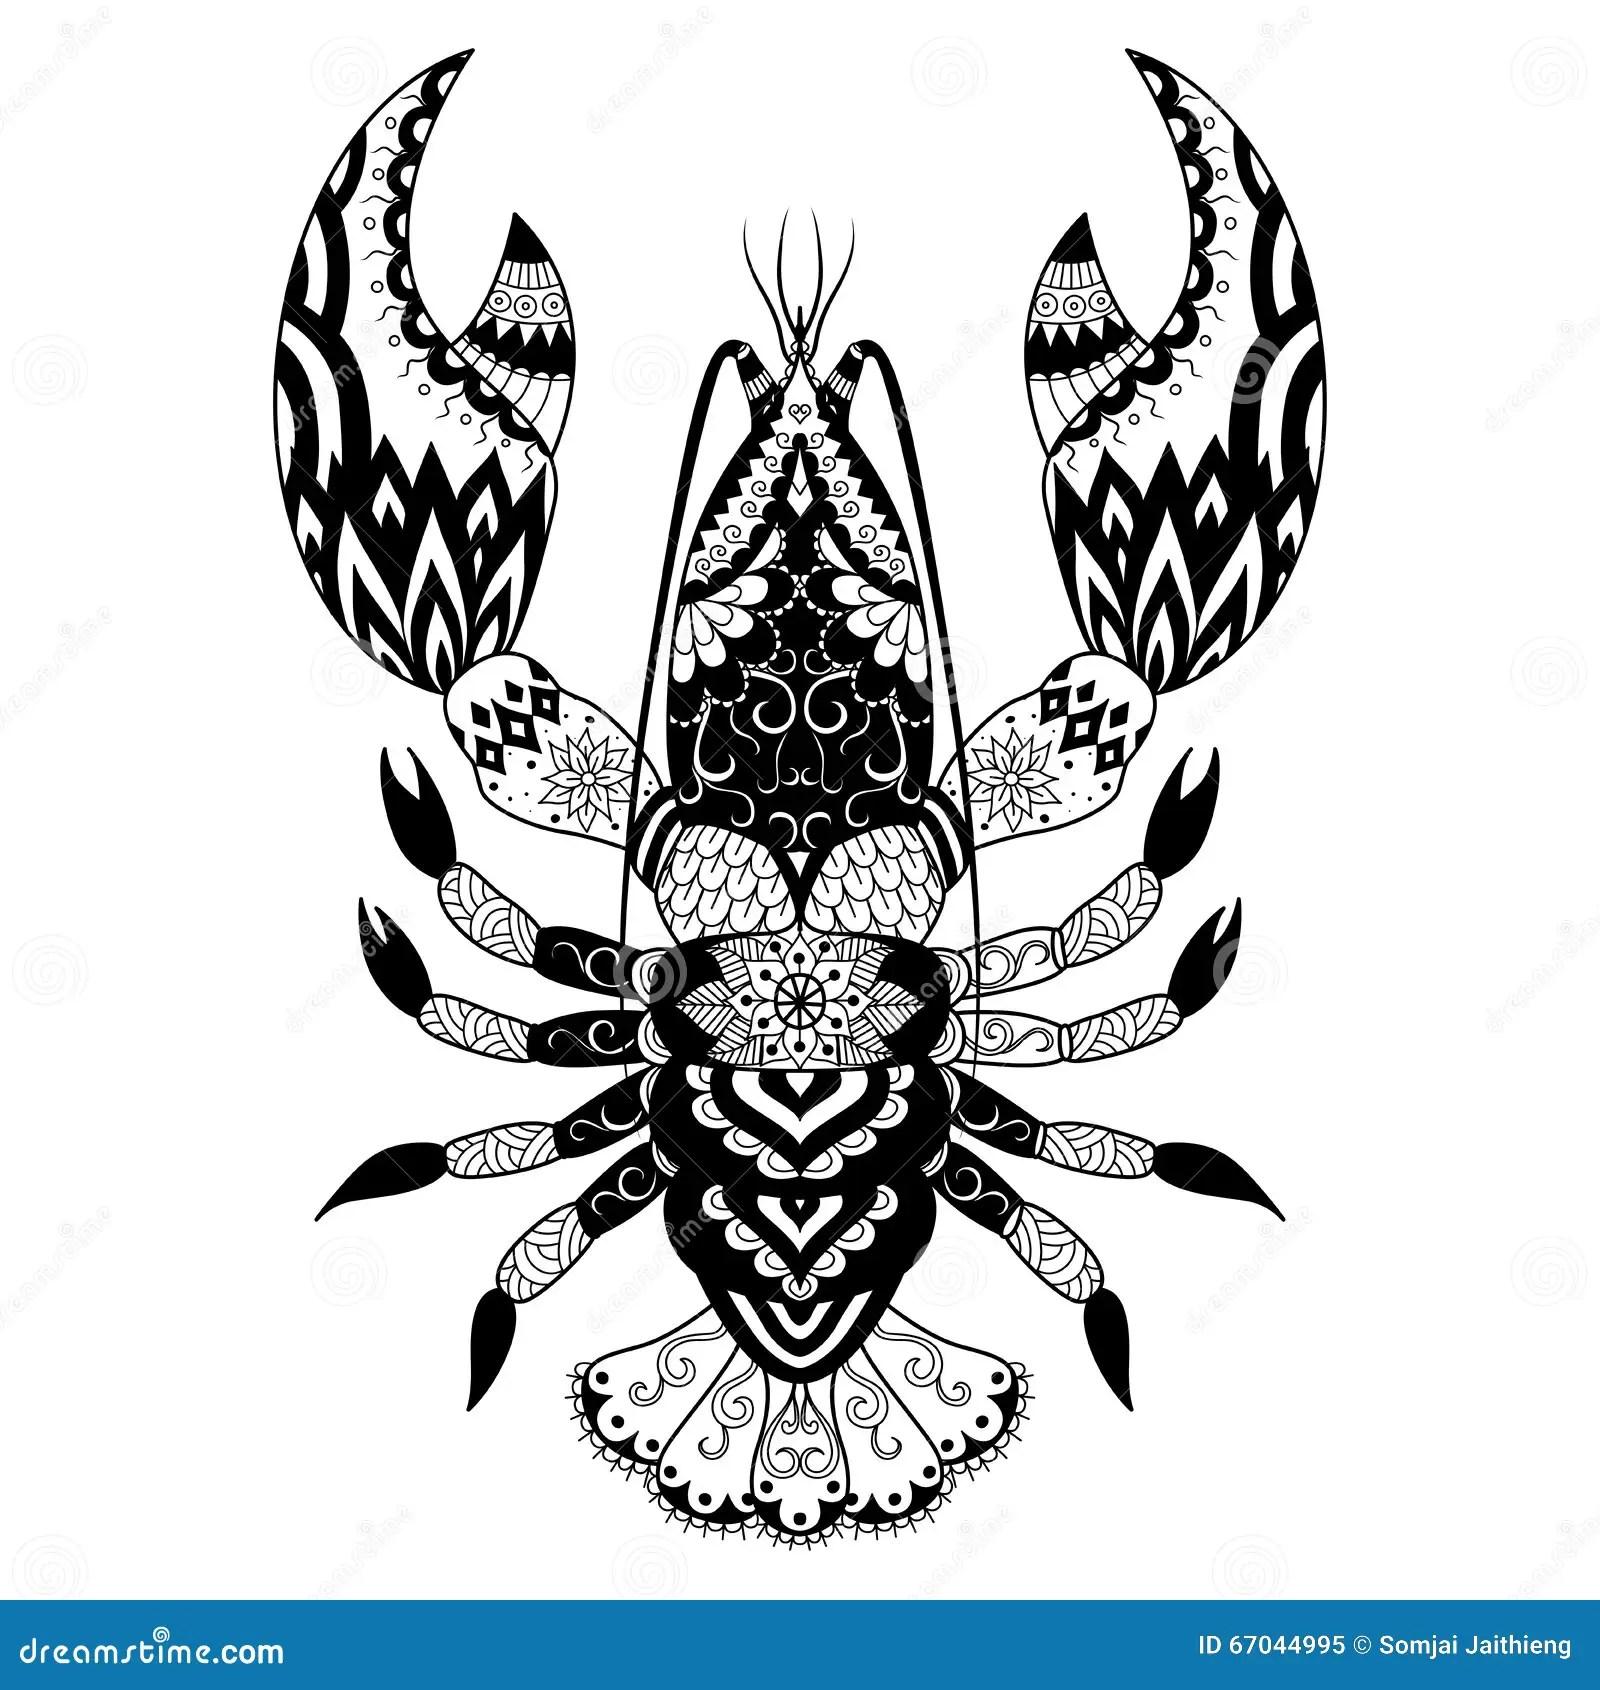 Lobster Line Art Design For Coloring Book Logo T Shirt